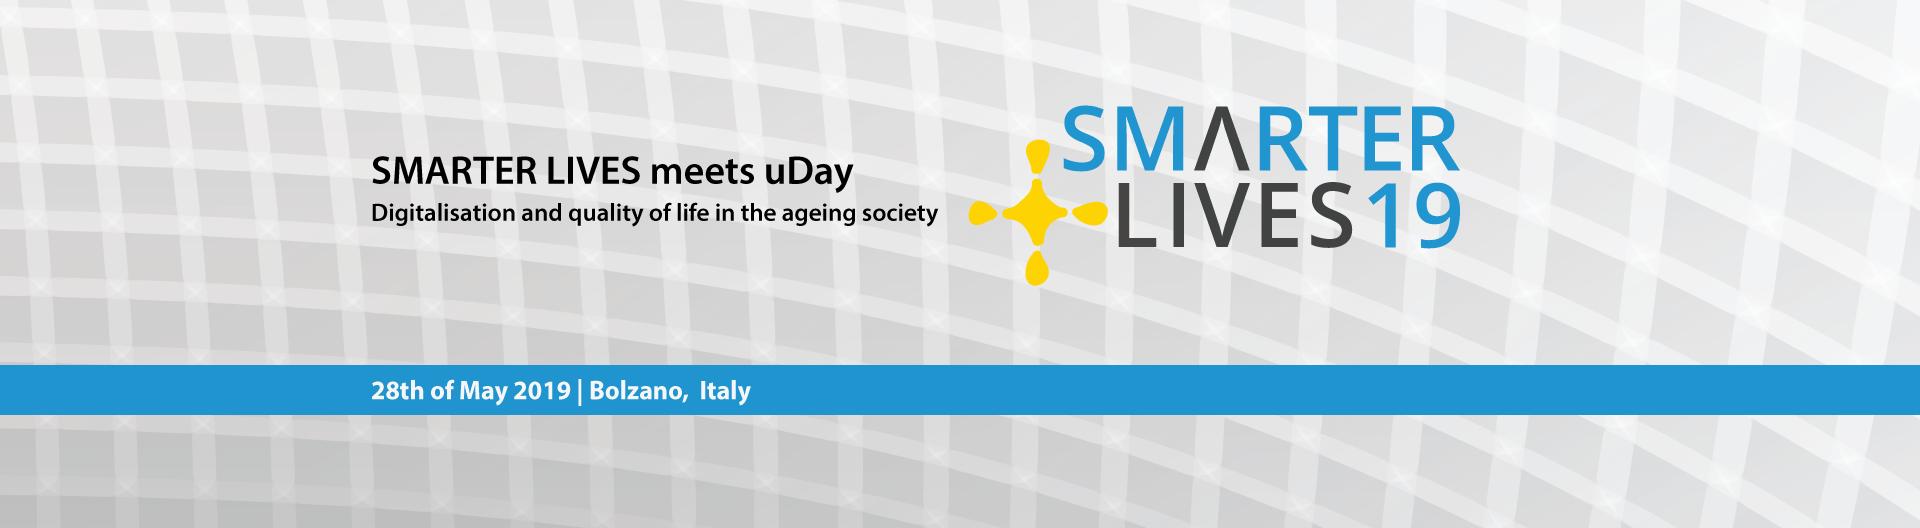 SMARTER LIVES Practice conference 2019